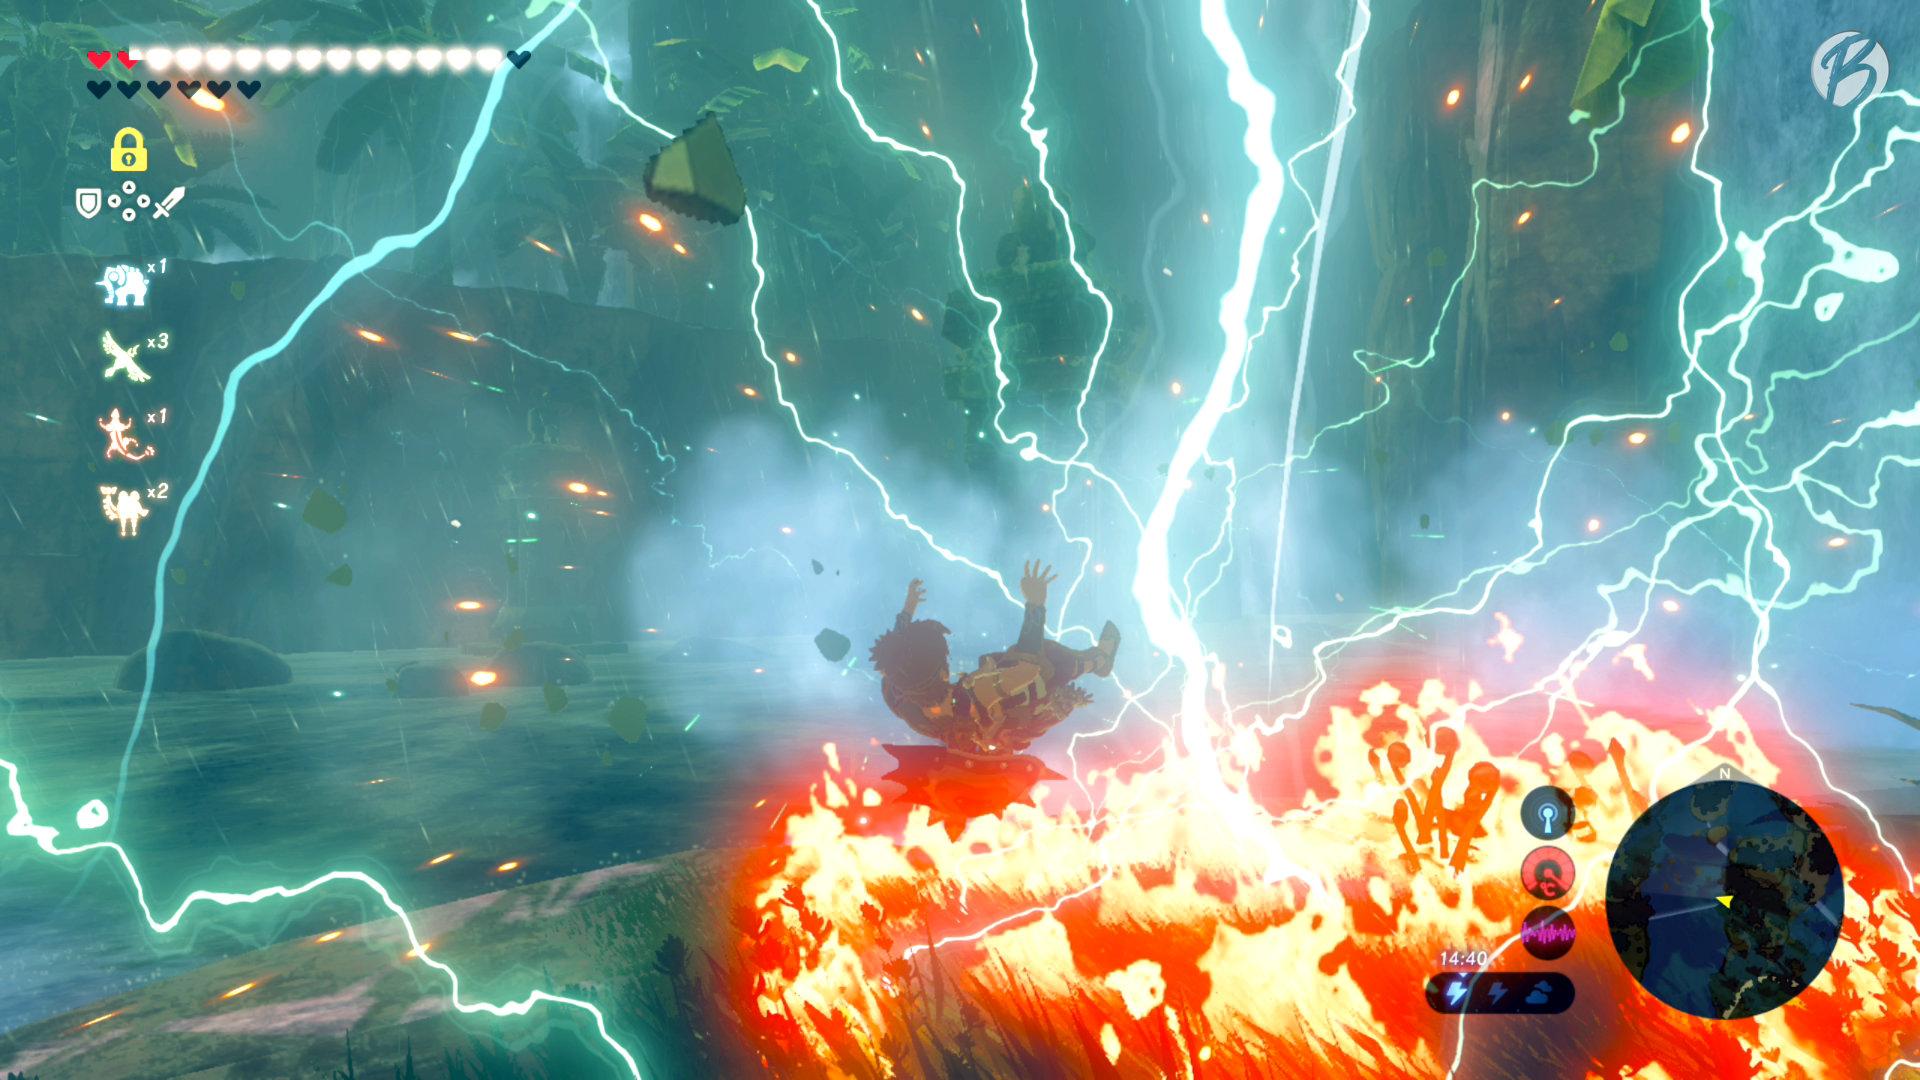 The Legend of Zelda: BotW - Vom Blitz getroffen! Bei Gewitter  sollte metallische Ausrüstung abgelegt werden.